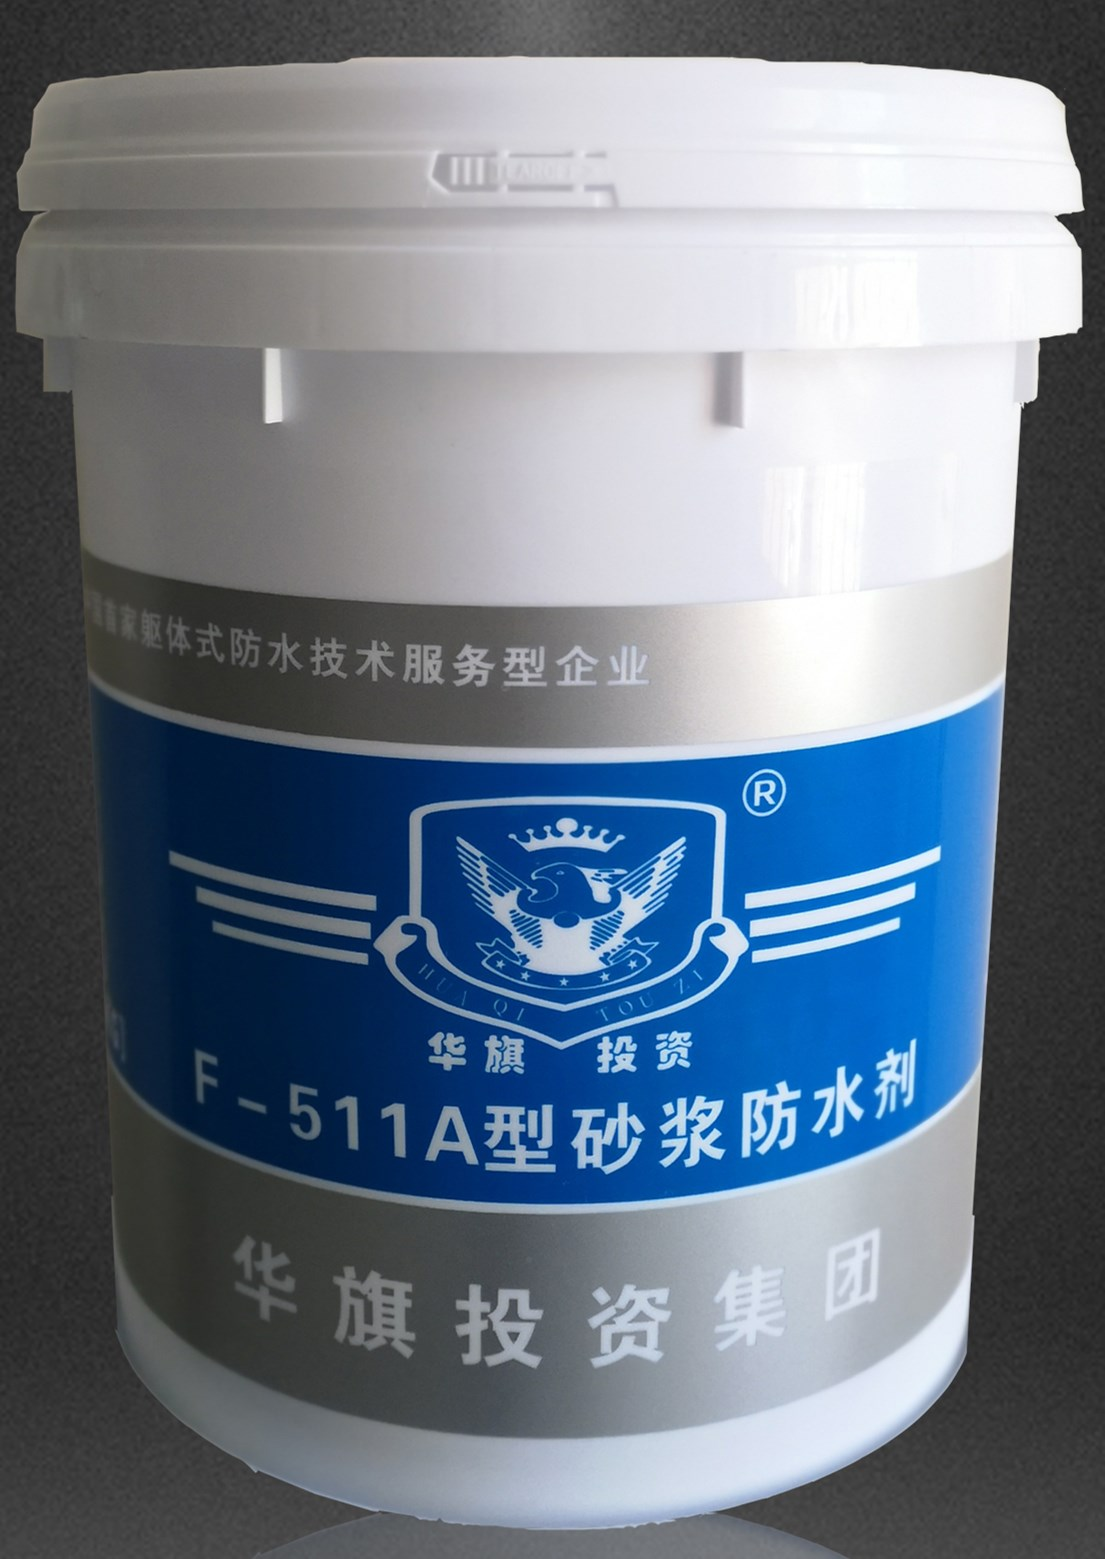 F-511A型砂浆防水剂(液体)详细说明